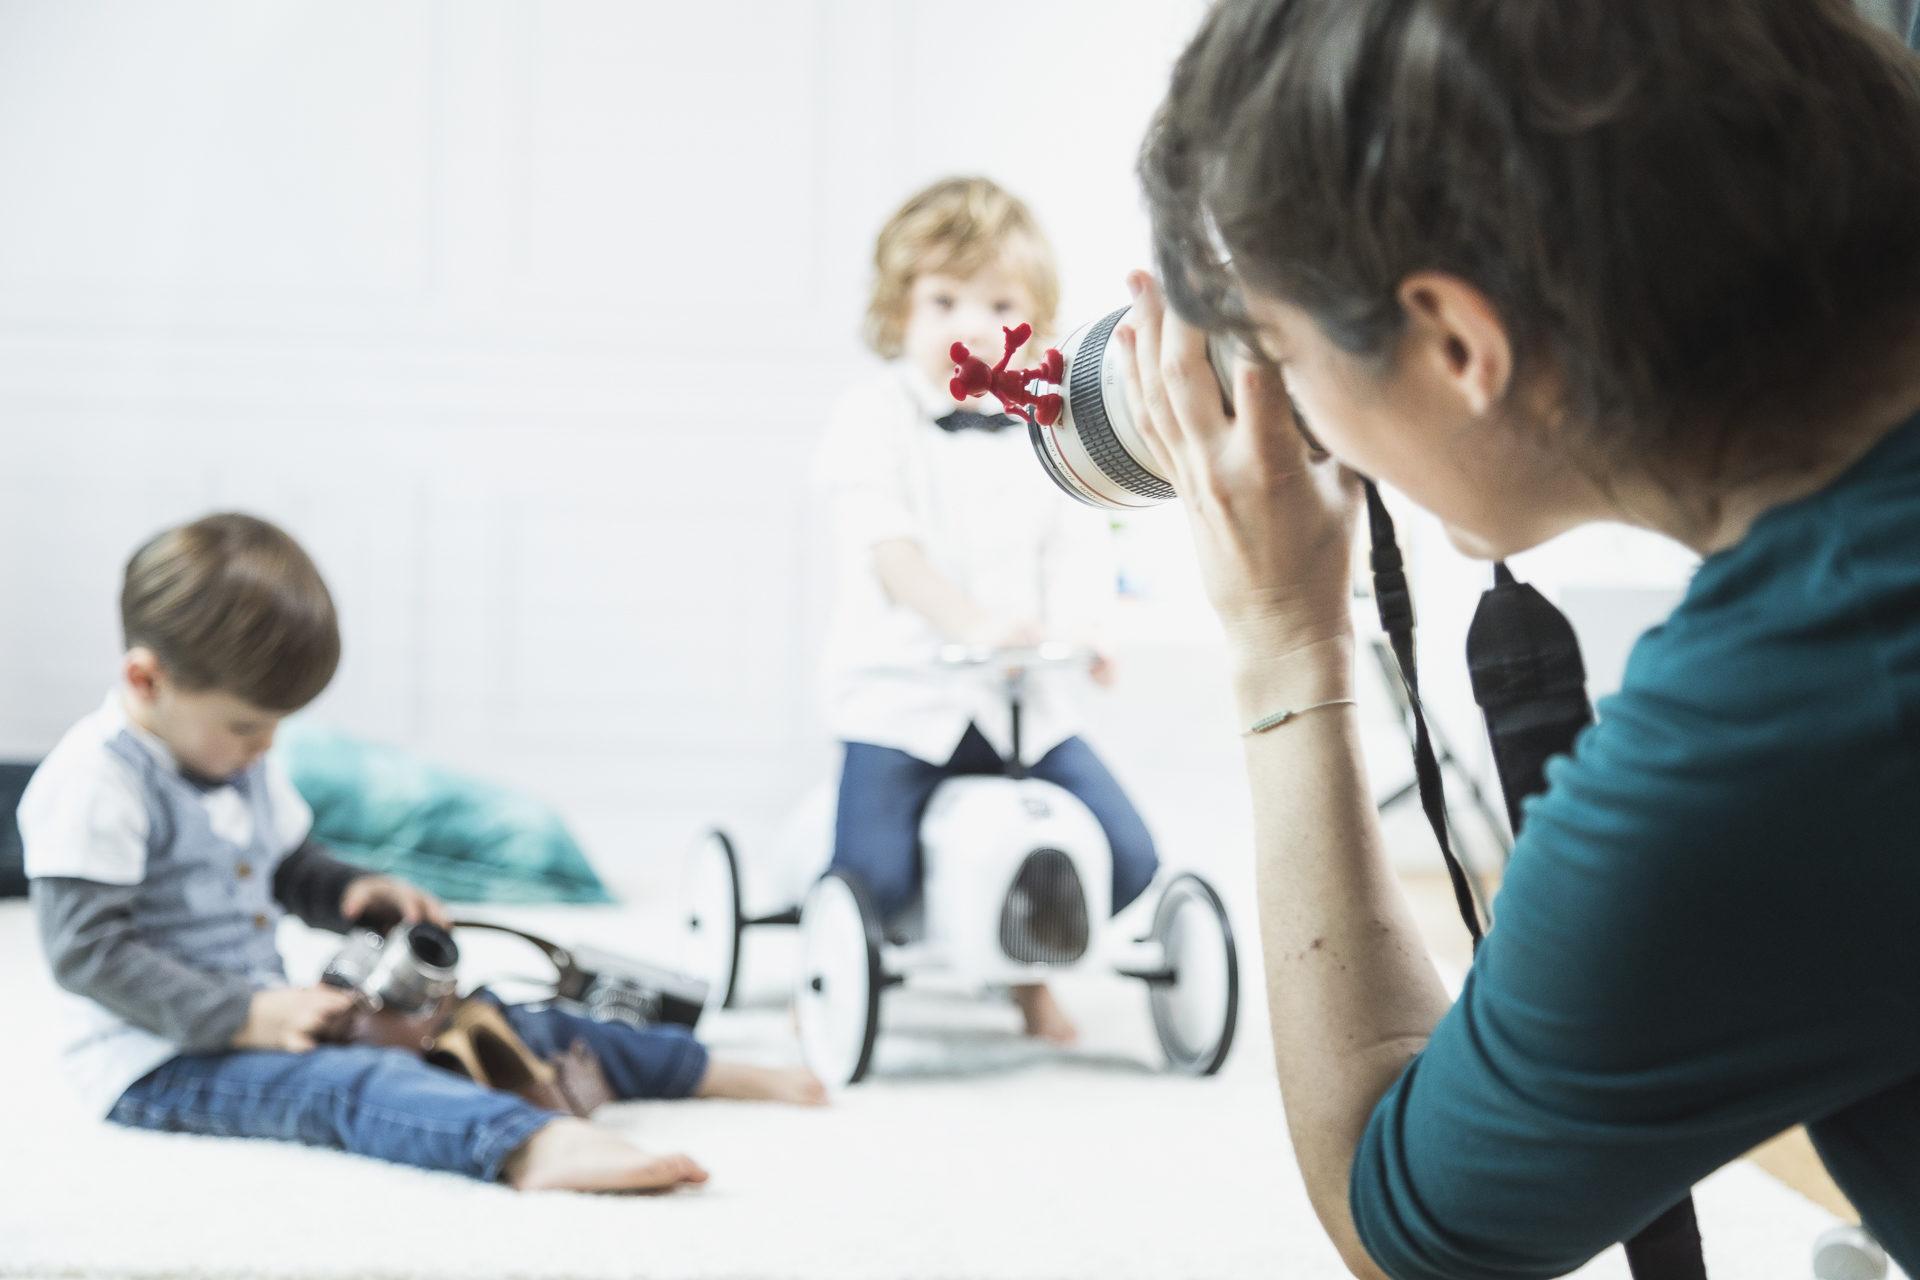 hier fotografiere ich coole kids!